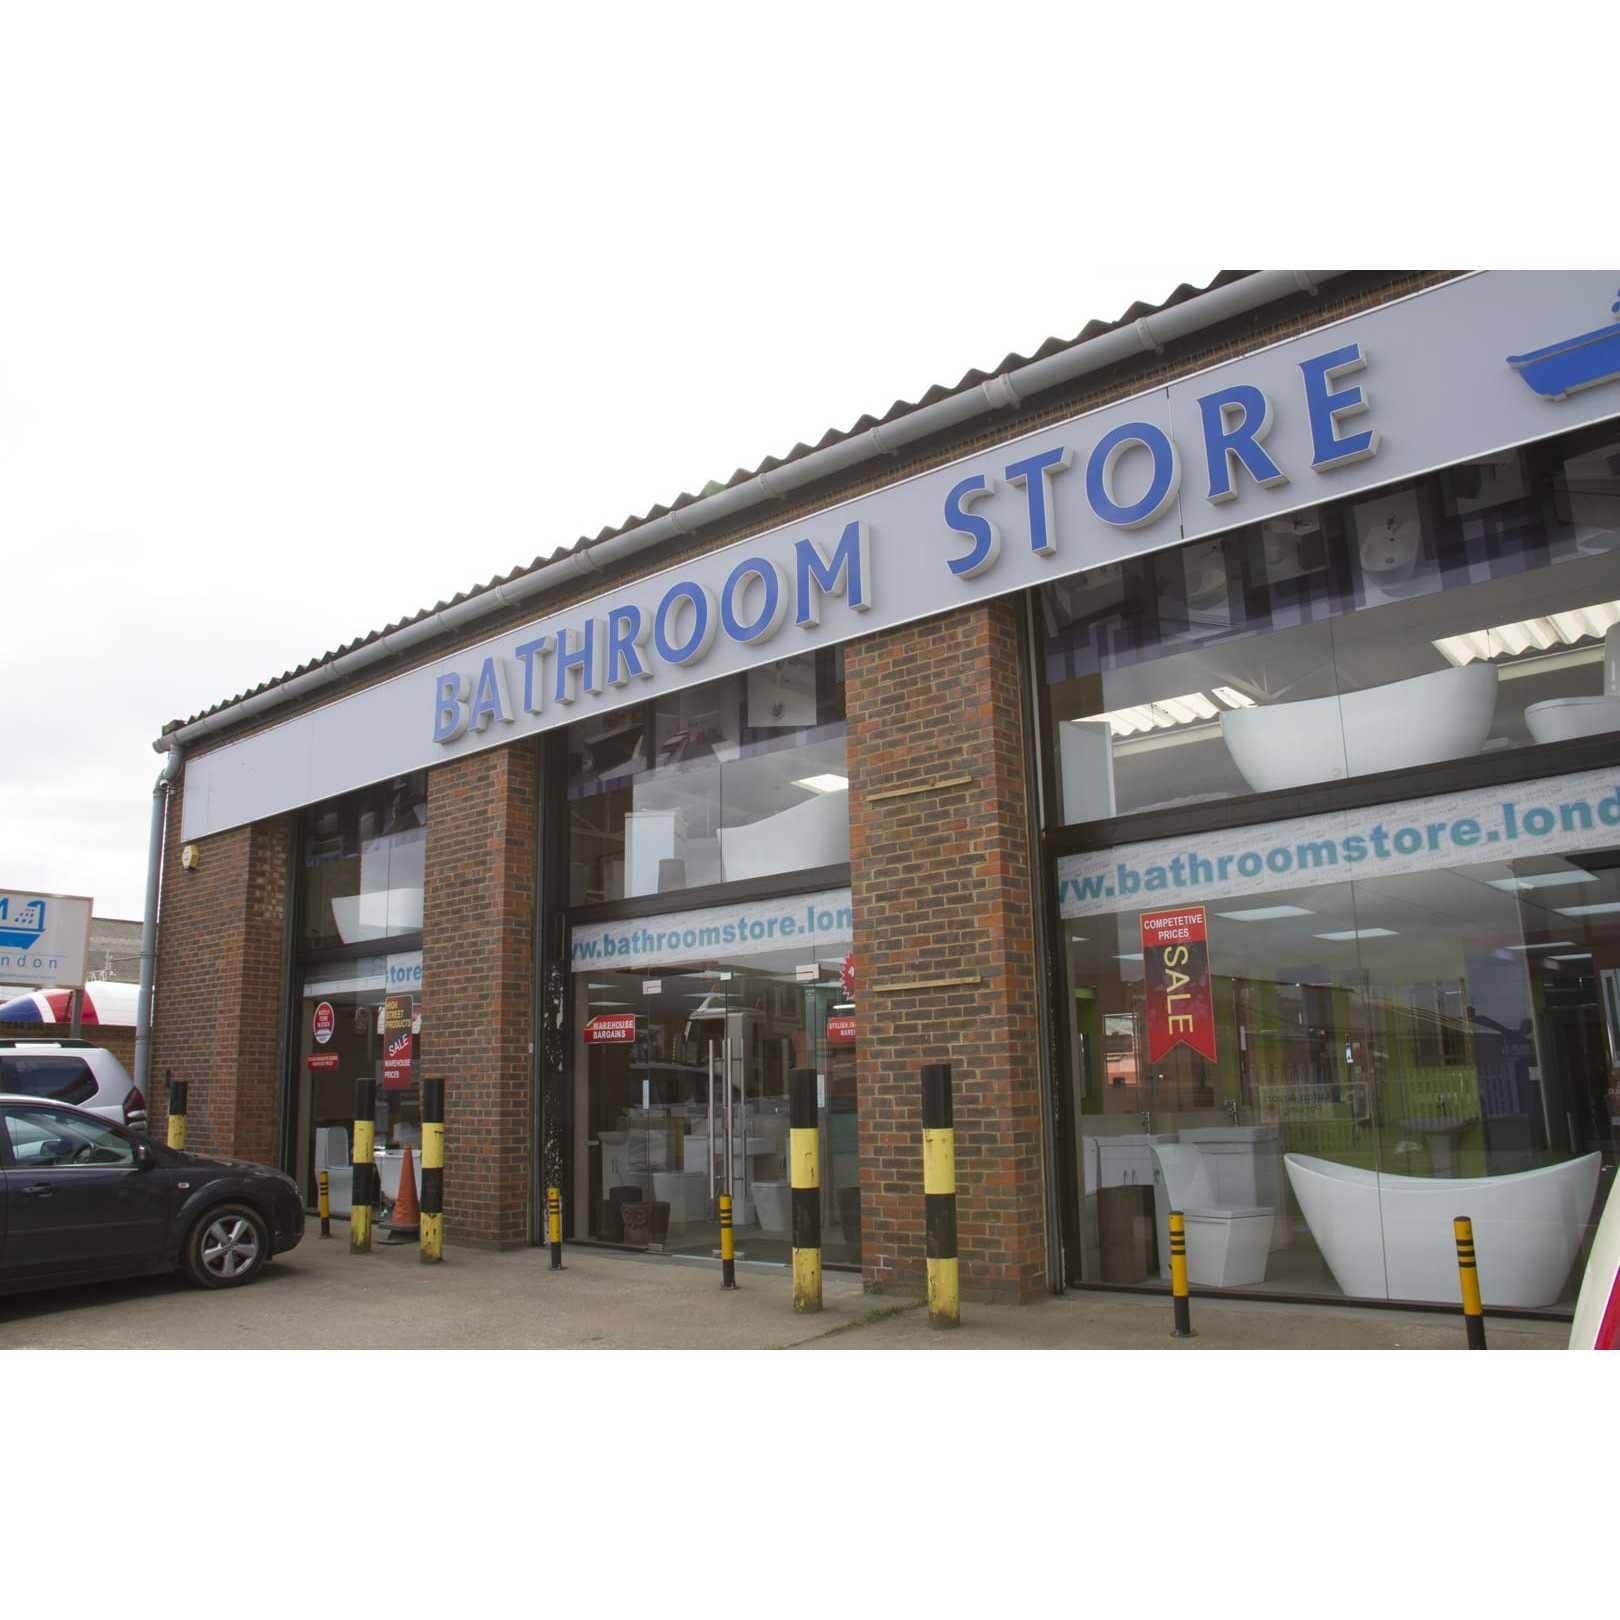 Bathroom Store - Luton, Bedfordshire LU4 8NP - 01582 594404   ShowMeLocal.com